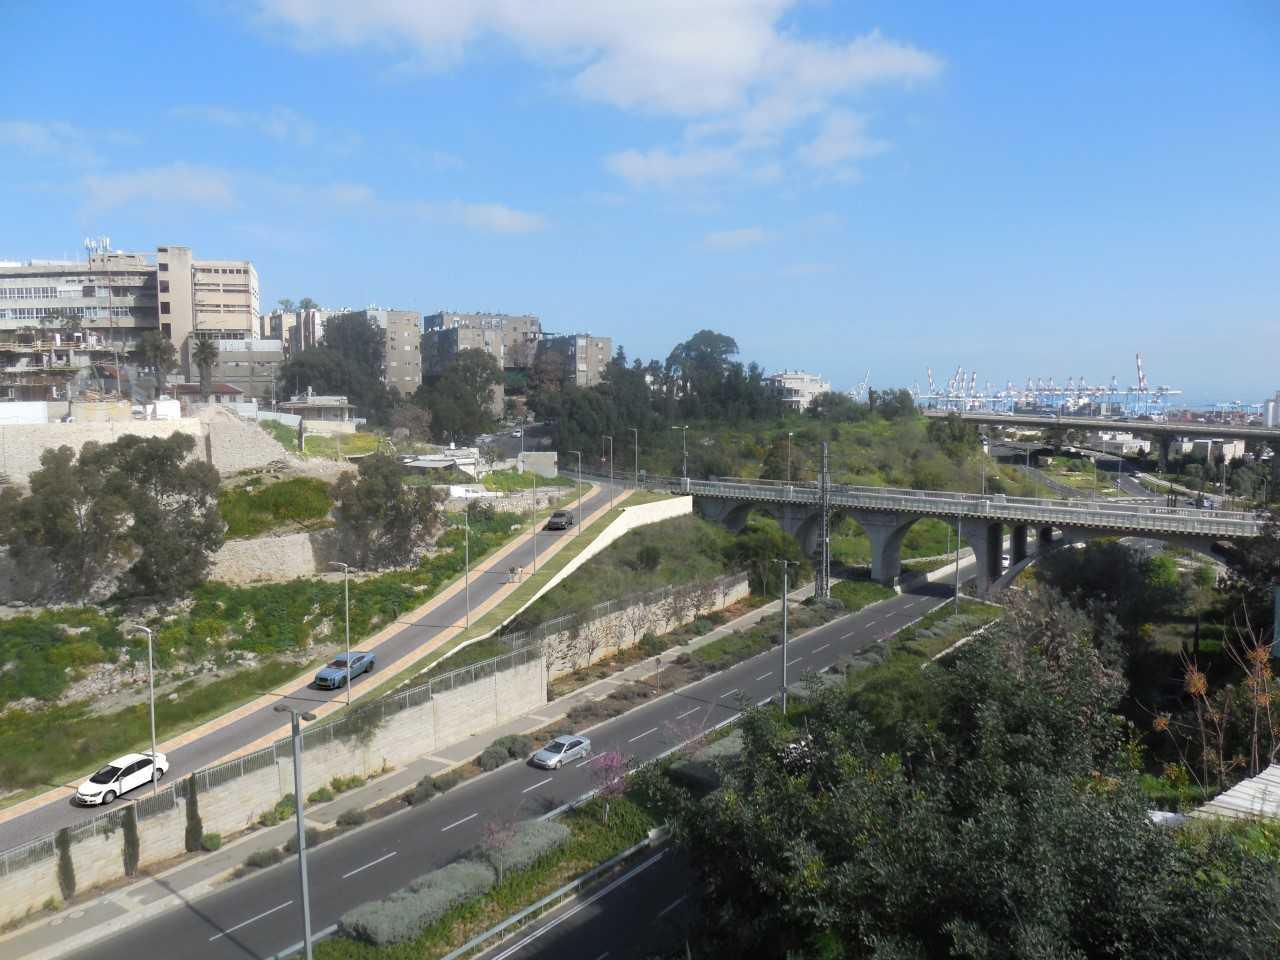 """הכביש המחבר בין רחוב הרצל לדרך נחל הגיבורים בחיפה (הדמיה  באדיבות חברת """"יפה נוף"""")"""